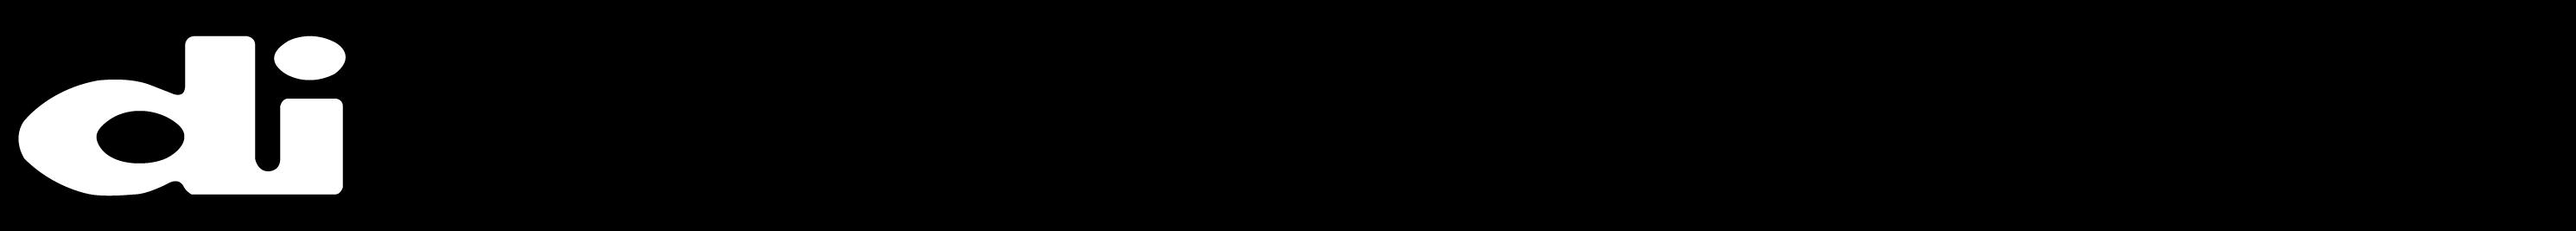 公益財団法人流通経済研究所